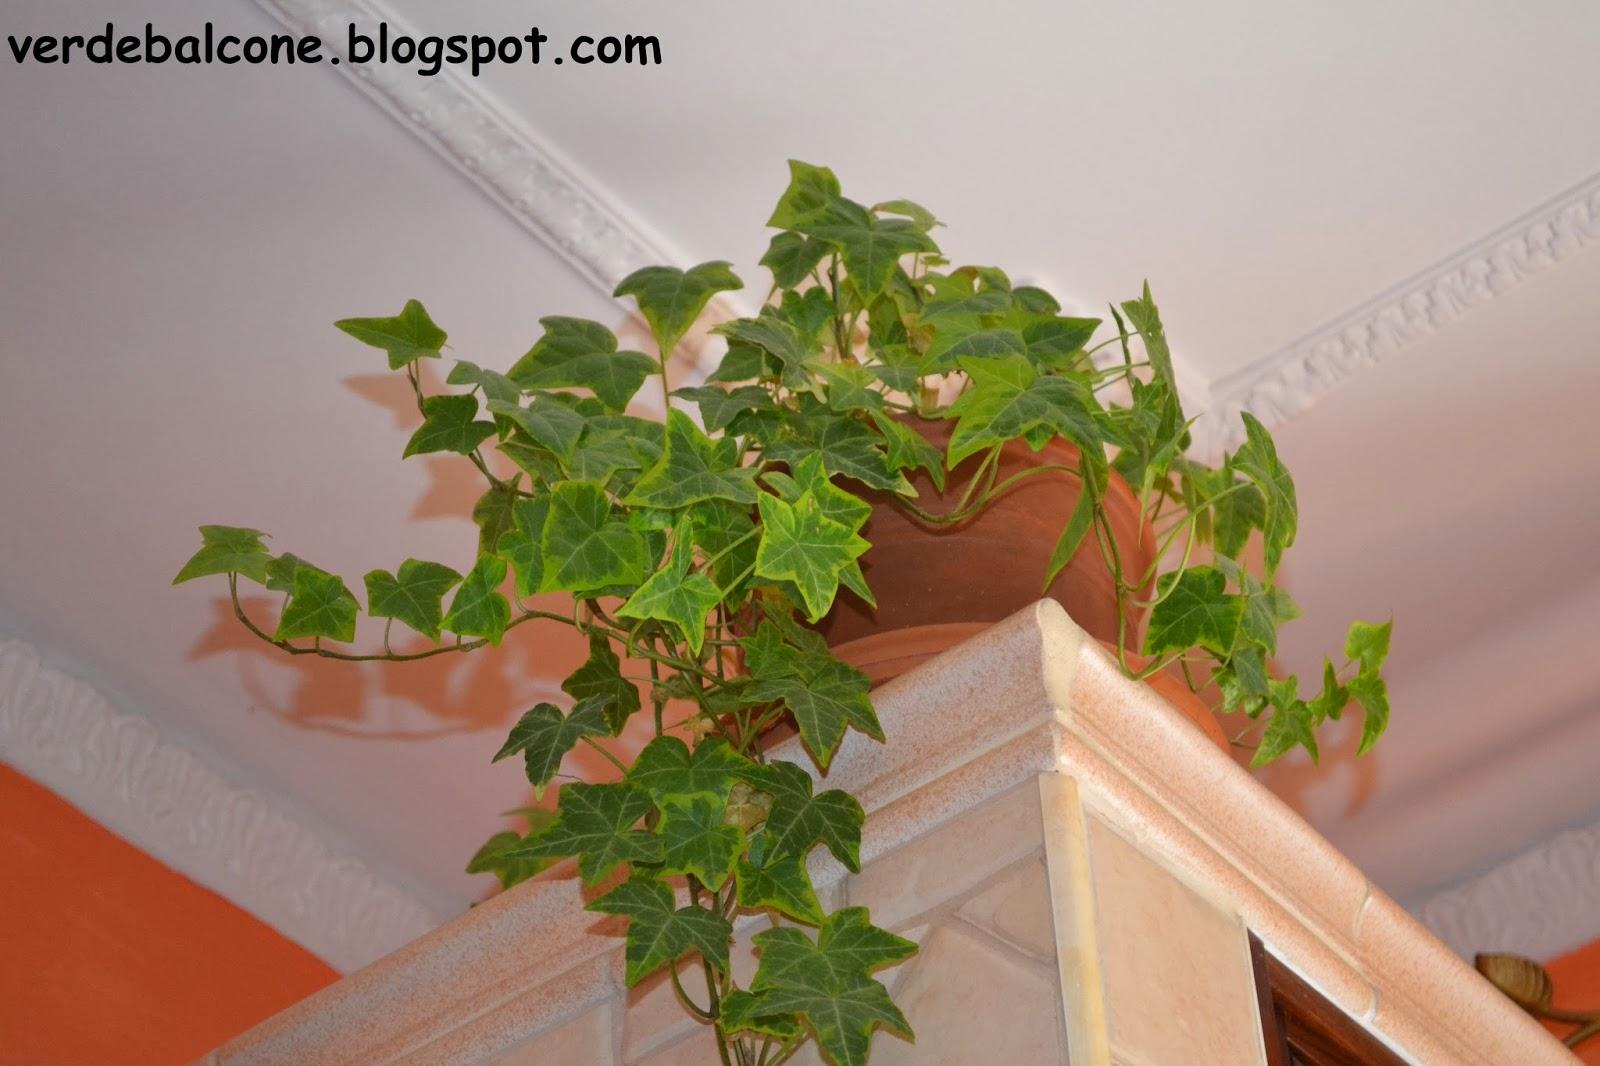 Come Seccare Le Piante verde balcone.: edera, regina degli interni.